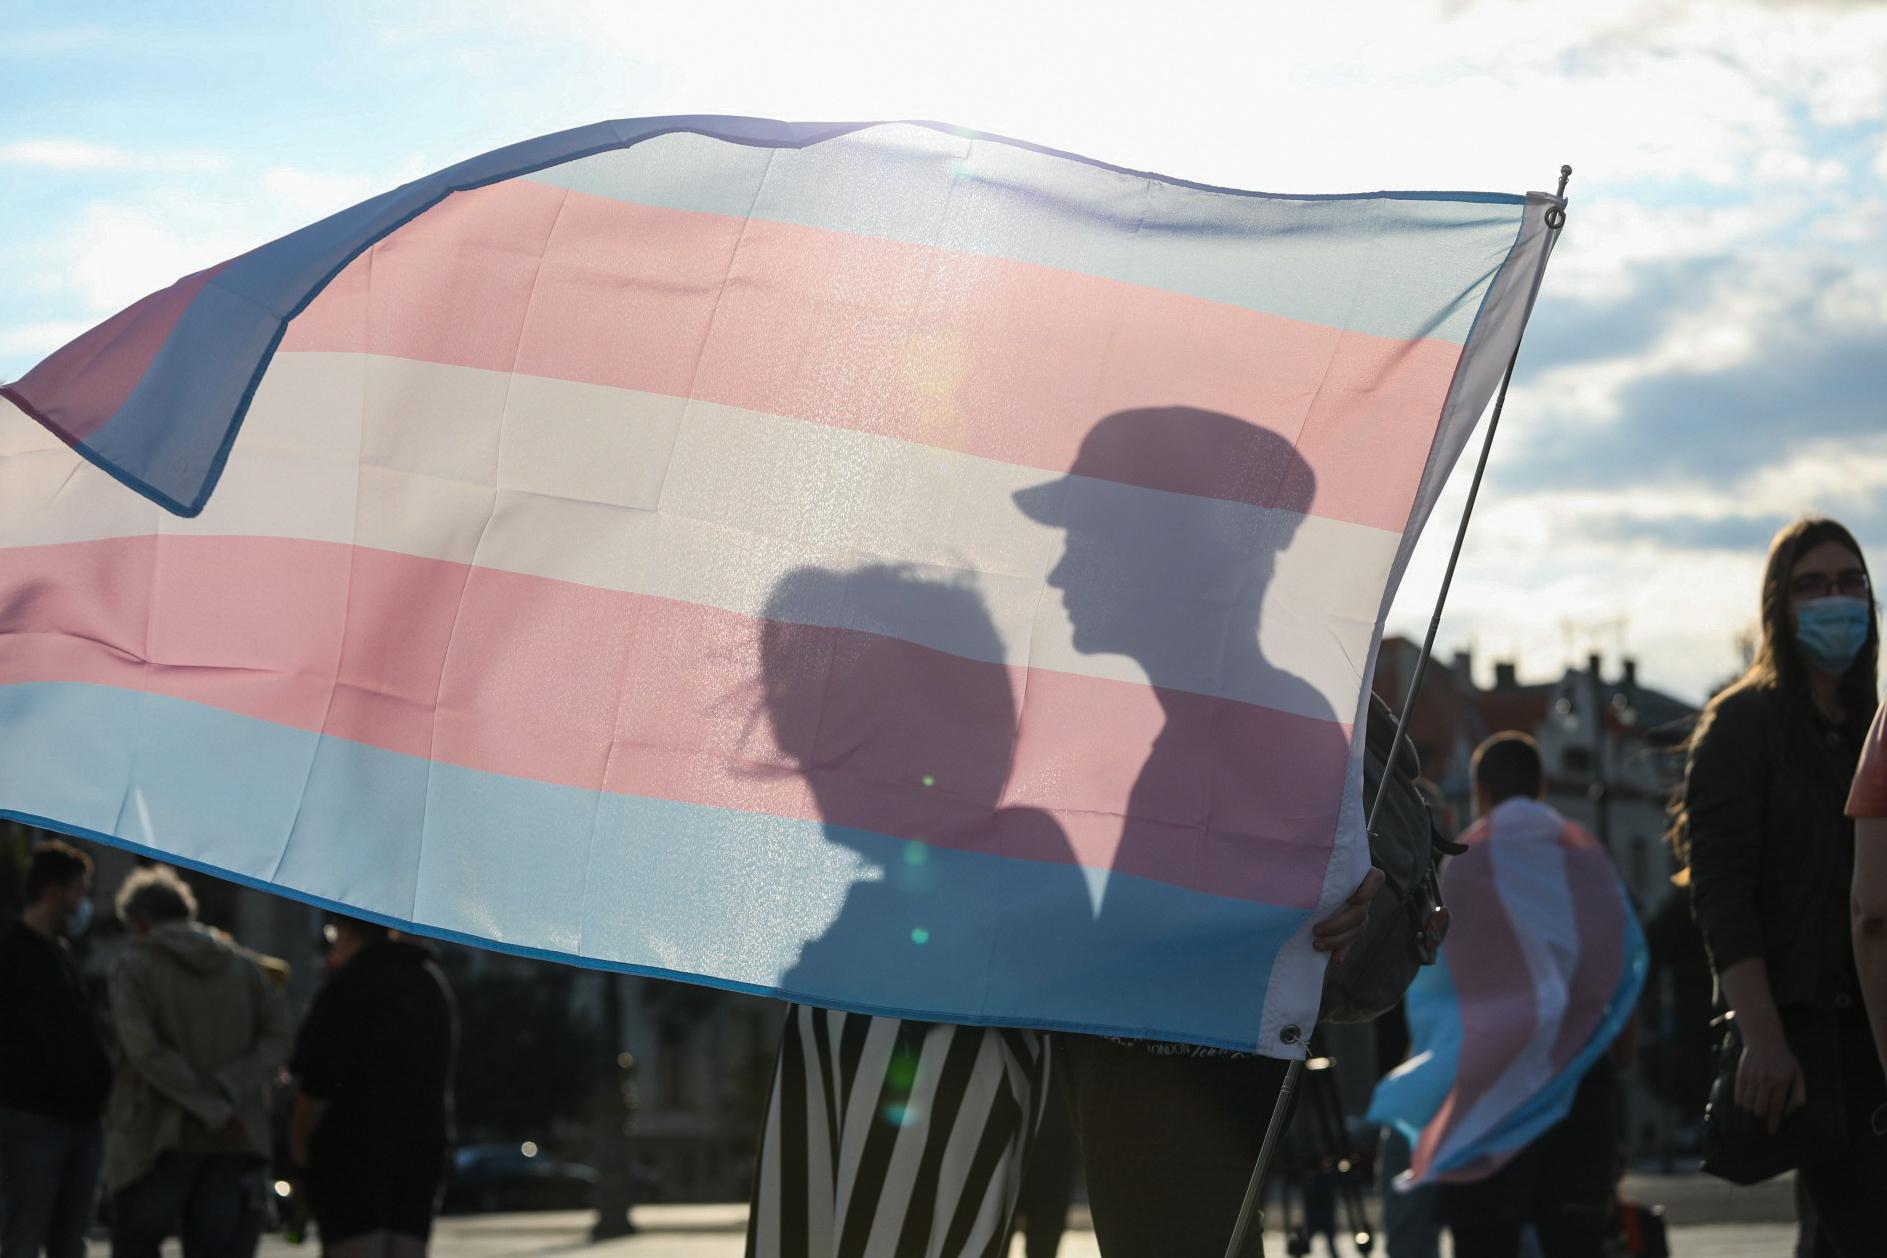 Tabukérdésekre válaszolnak transzneműek a Budapest Pride új videósorozatában